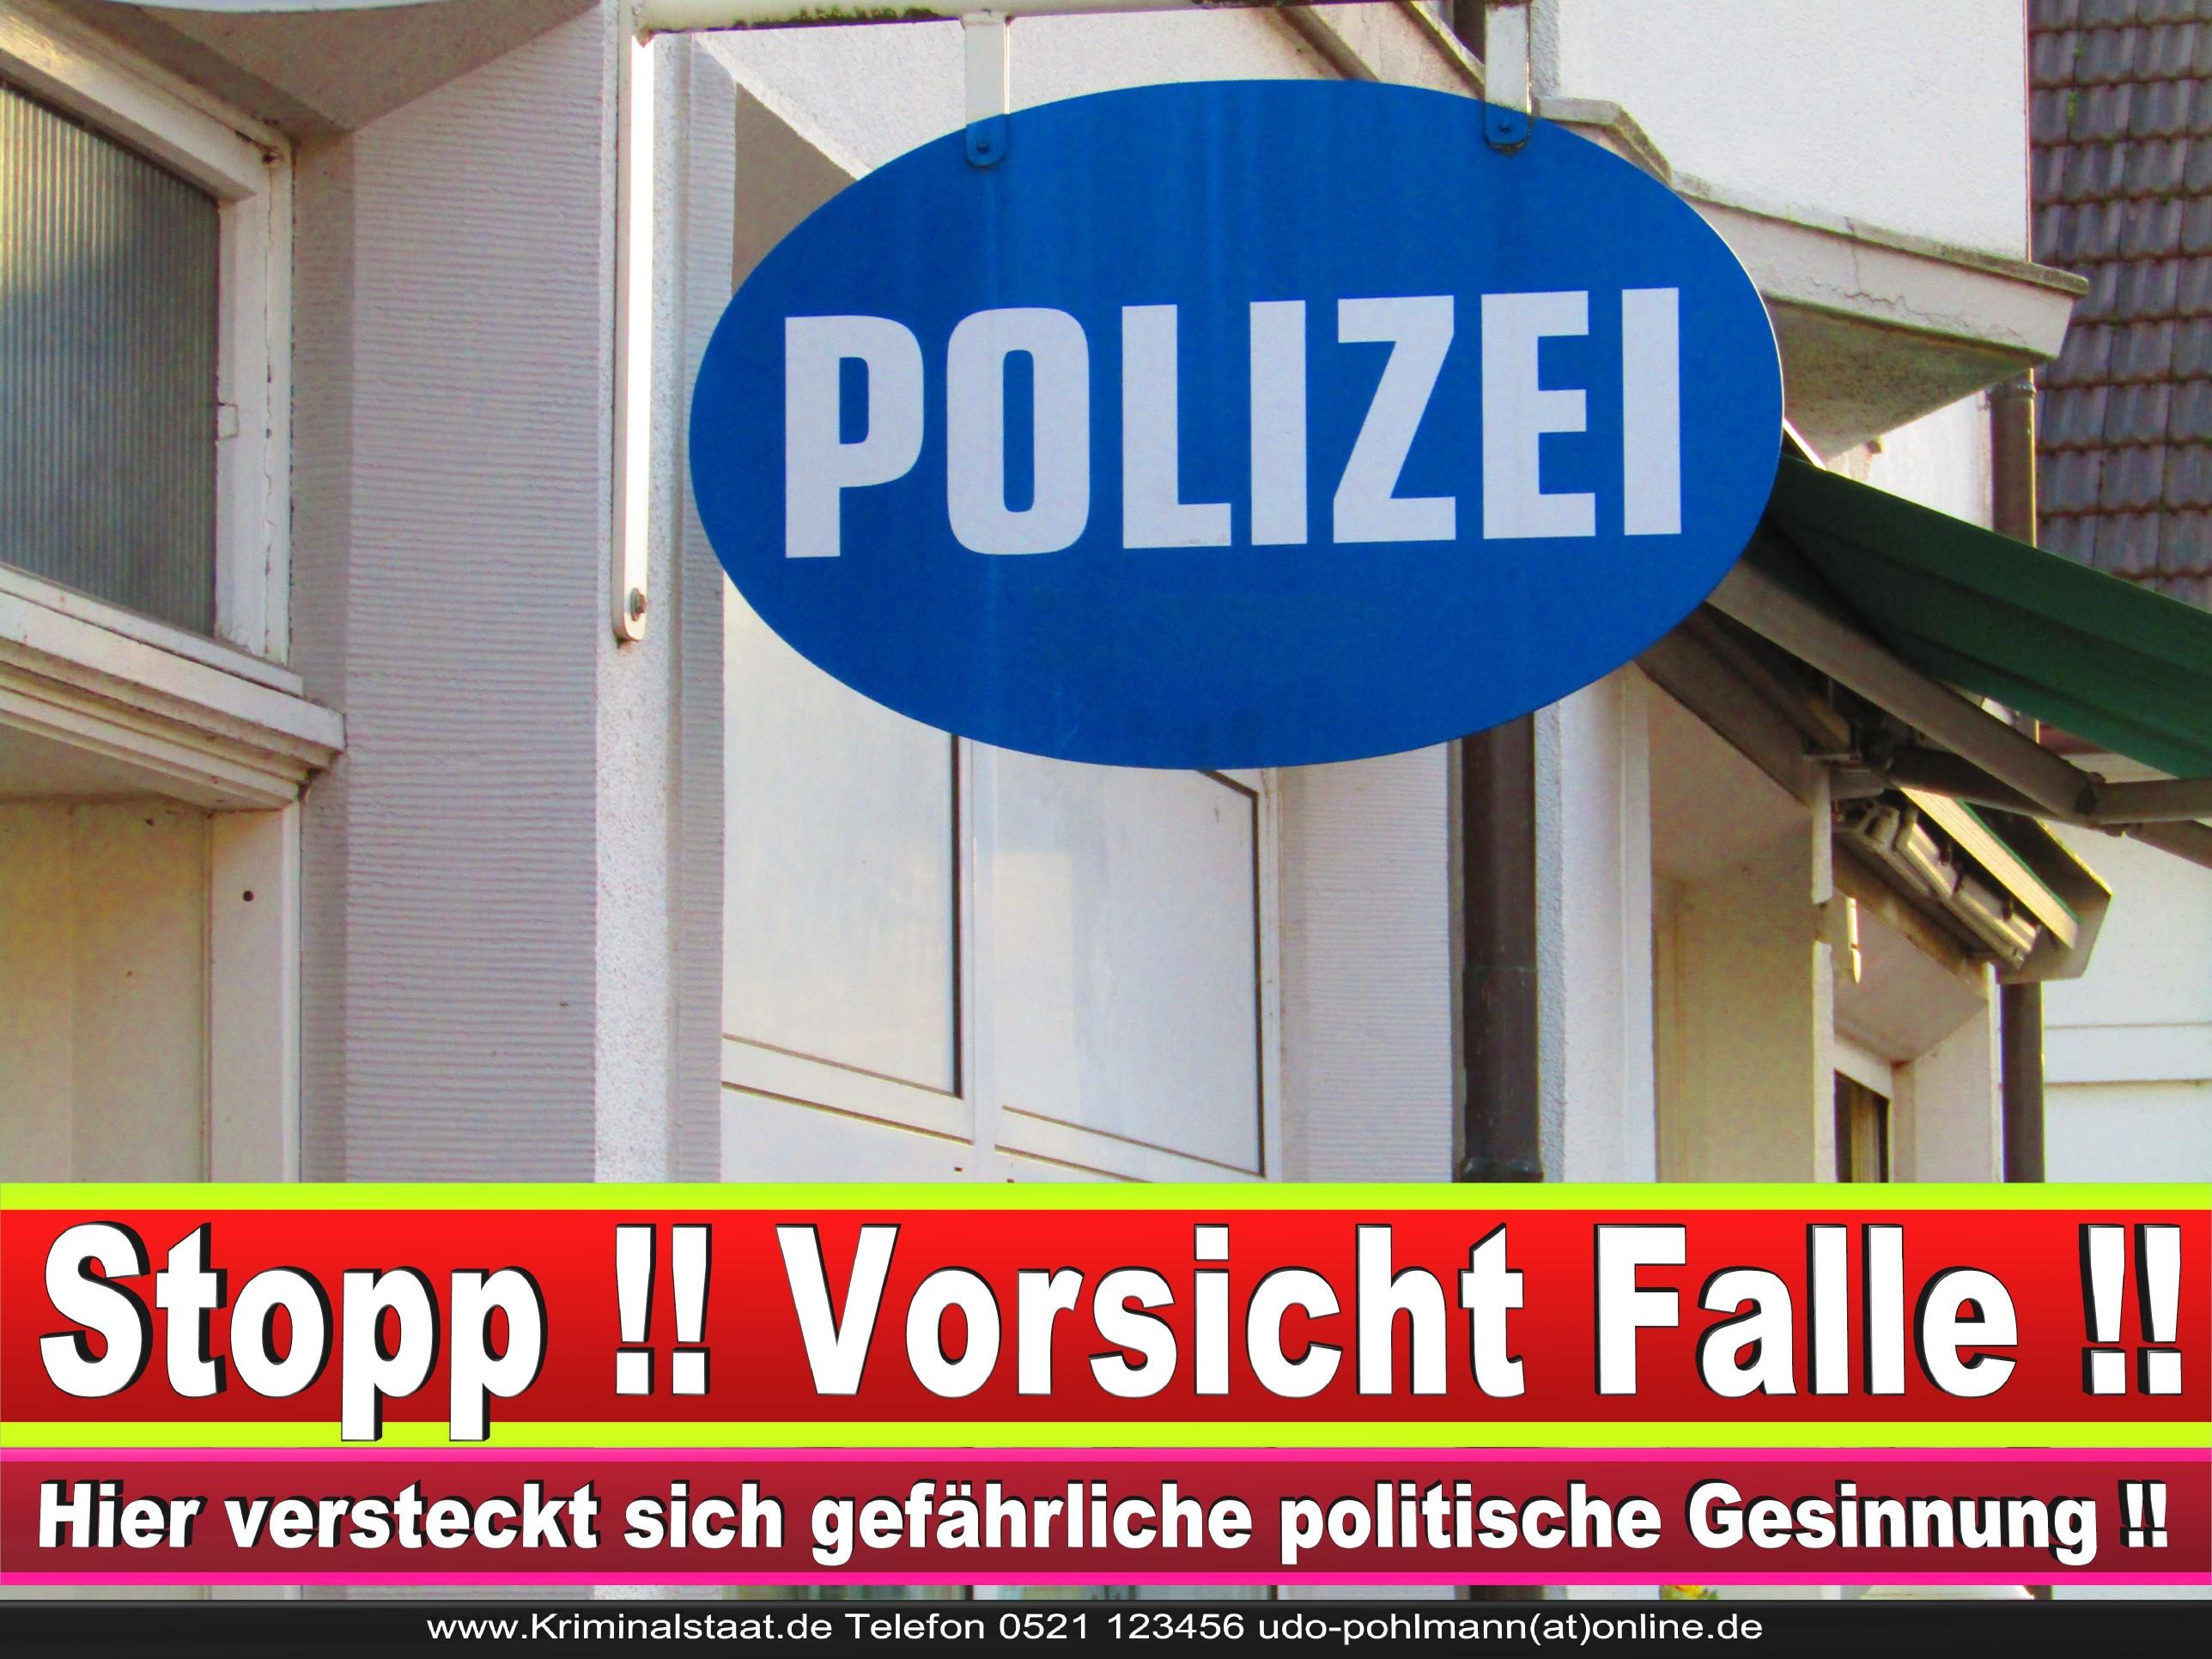 Polizei Steinhagen CDU SPD FDP Ortsverband CDU Bürgerbüro CDU SPD Korruption Polizei Bürgermeister Karte Telefonbuch NRW OWL (2)